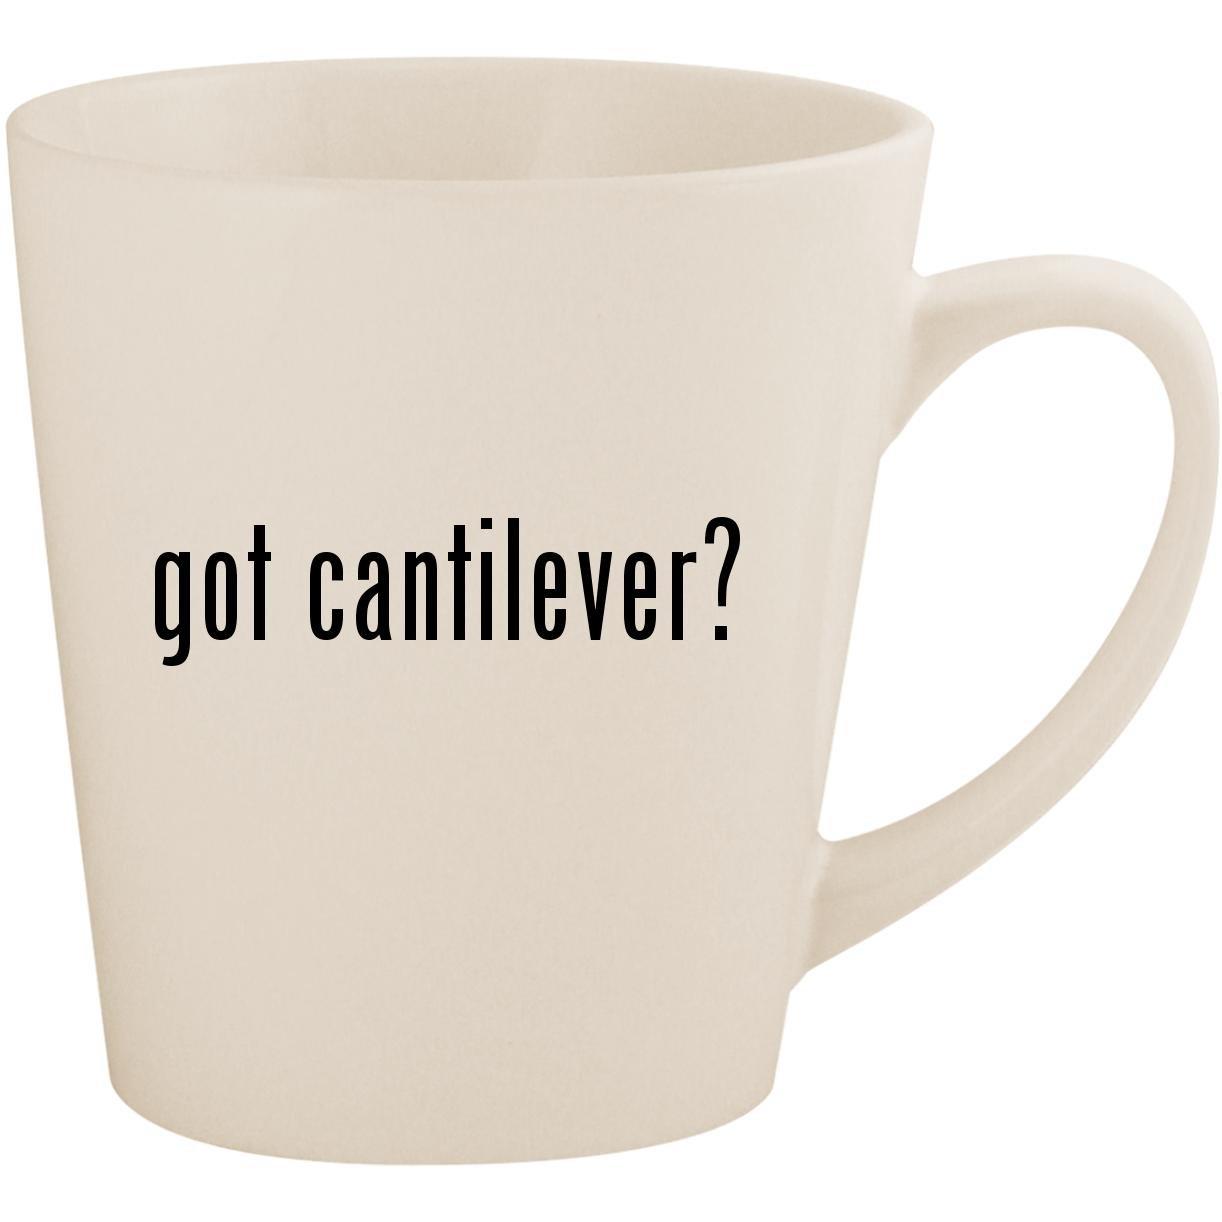 got cantilever? - White 12oz Ceramic Latte Mug Cup